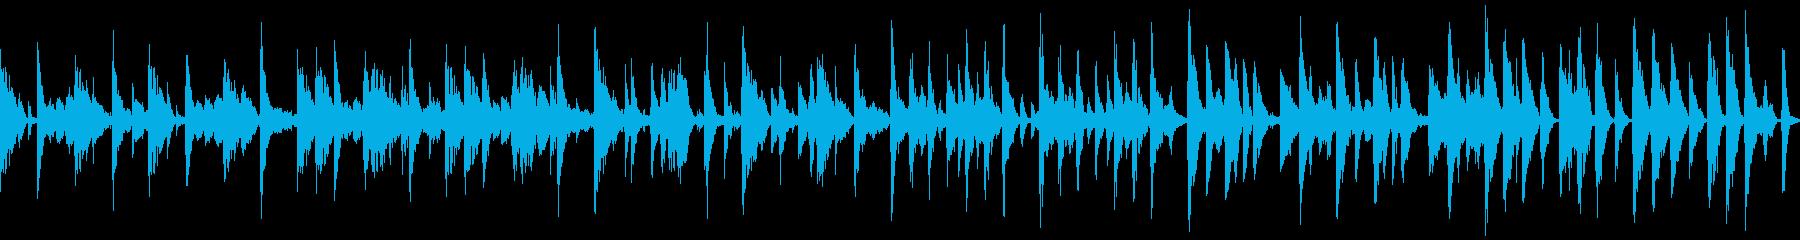 ヒップホップ風のギターの曲です。の再生済みの波形